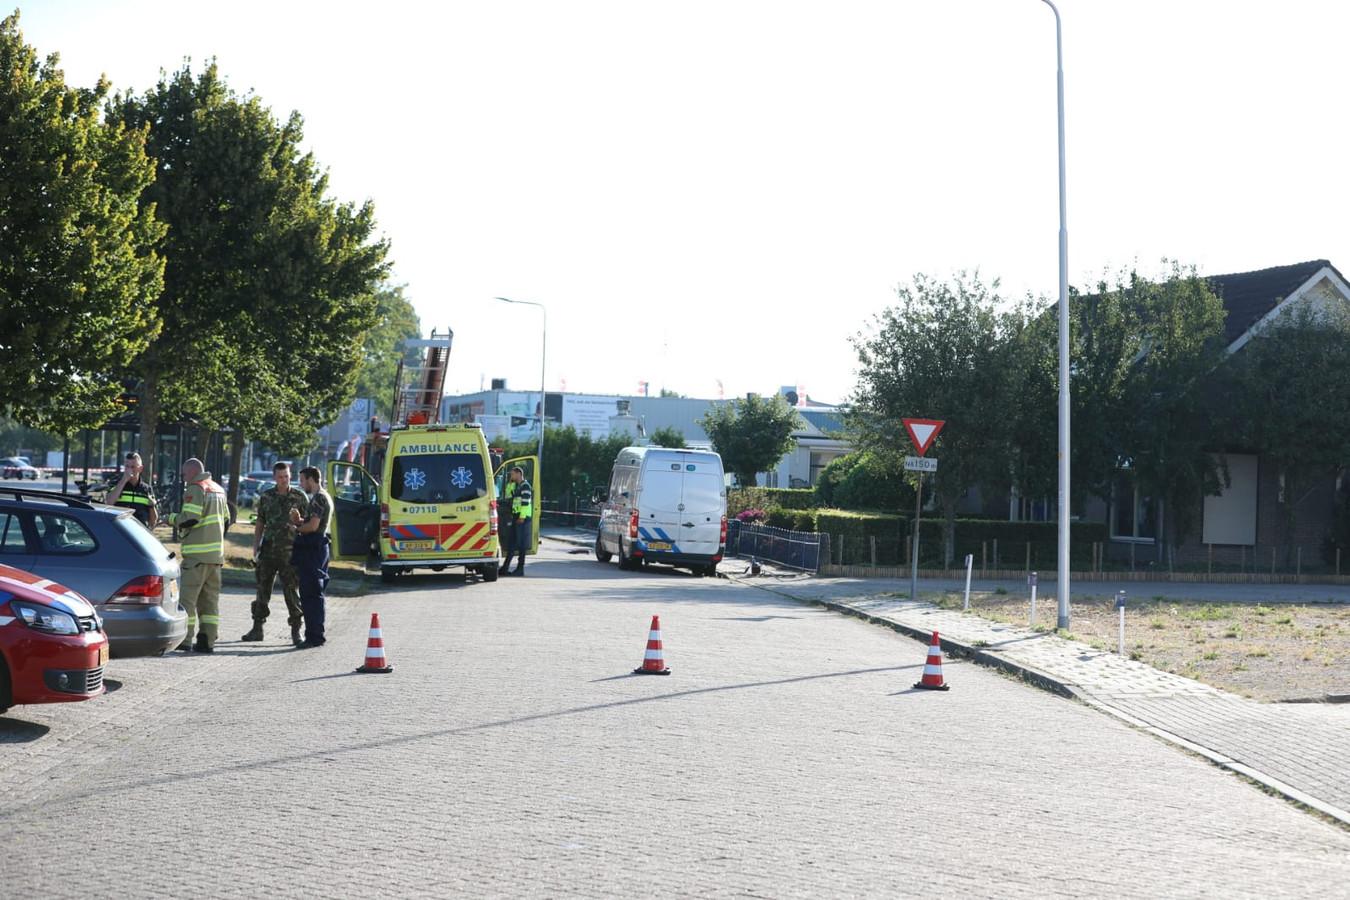 De EOD is aanwezig bij de 'verdachte situatie' in Huissen.